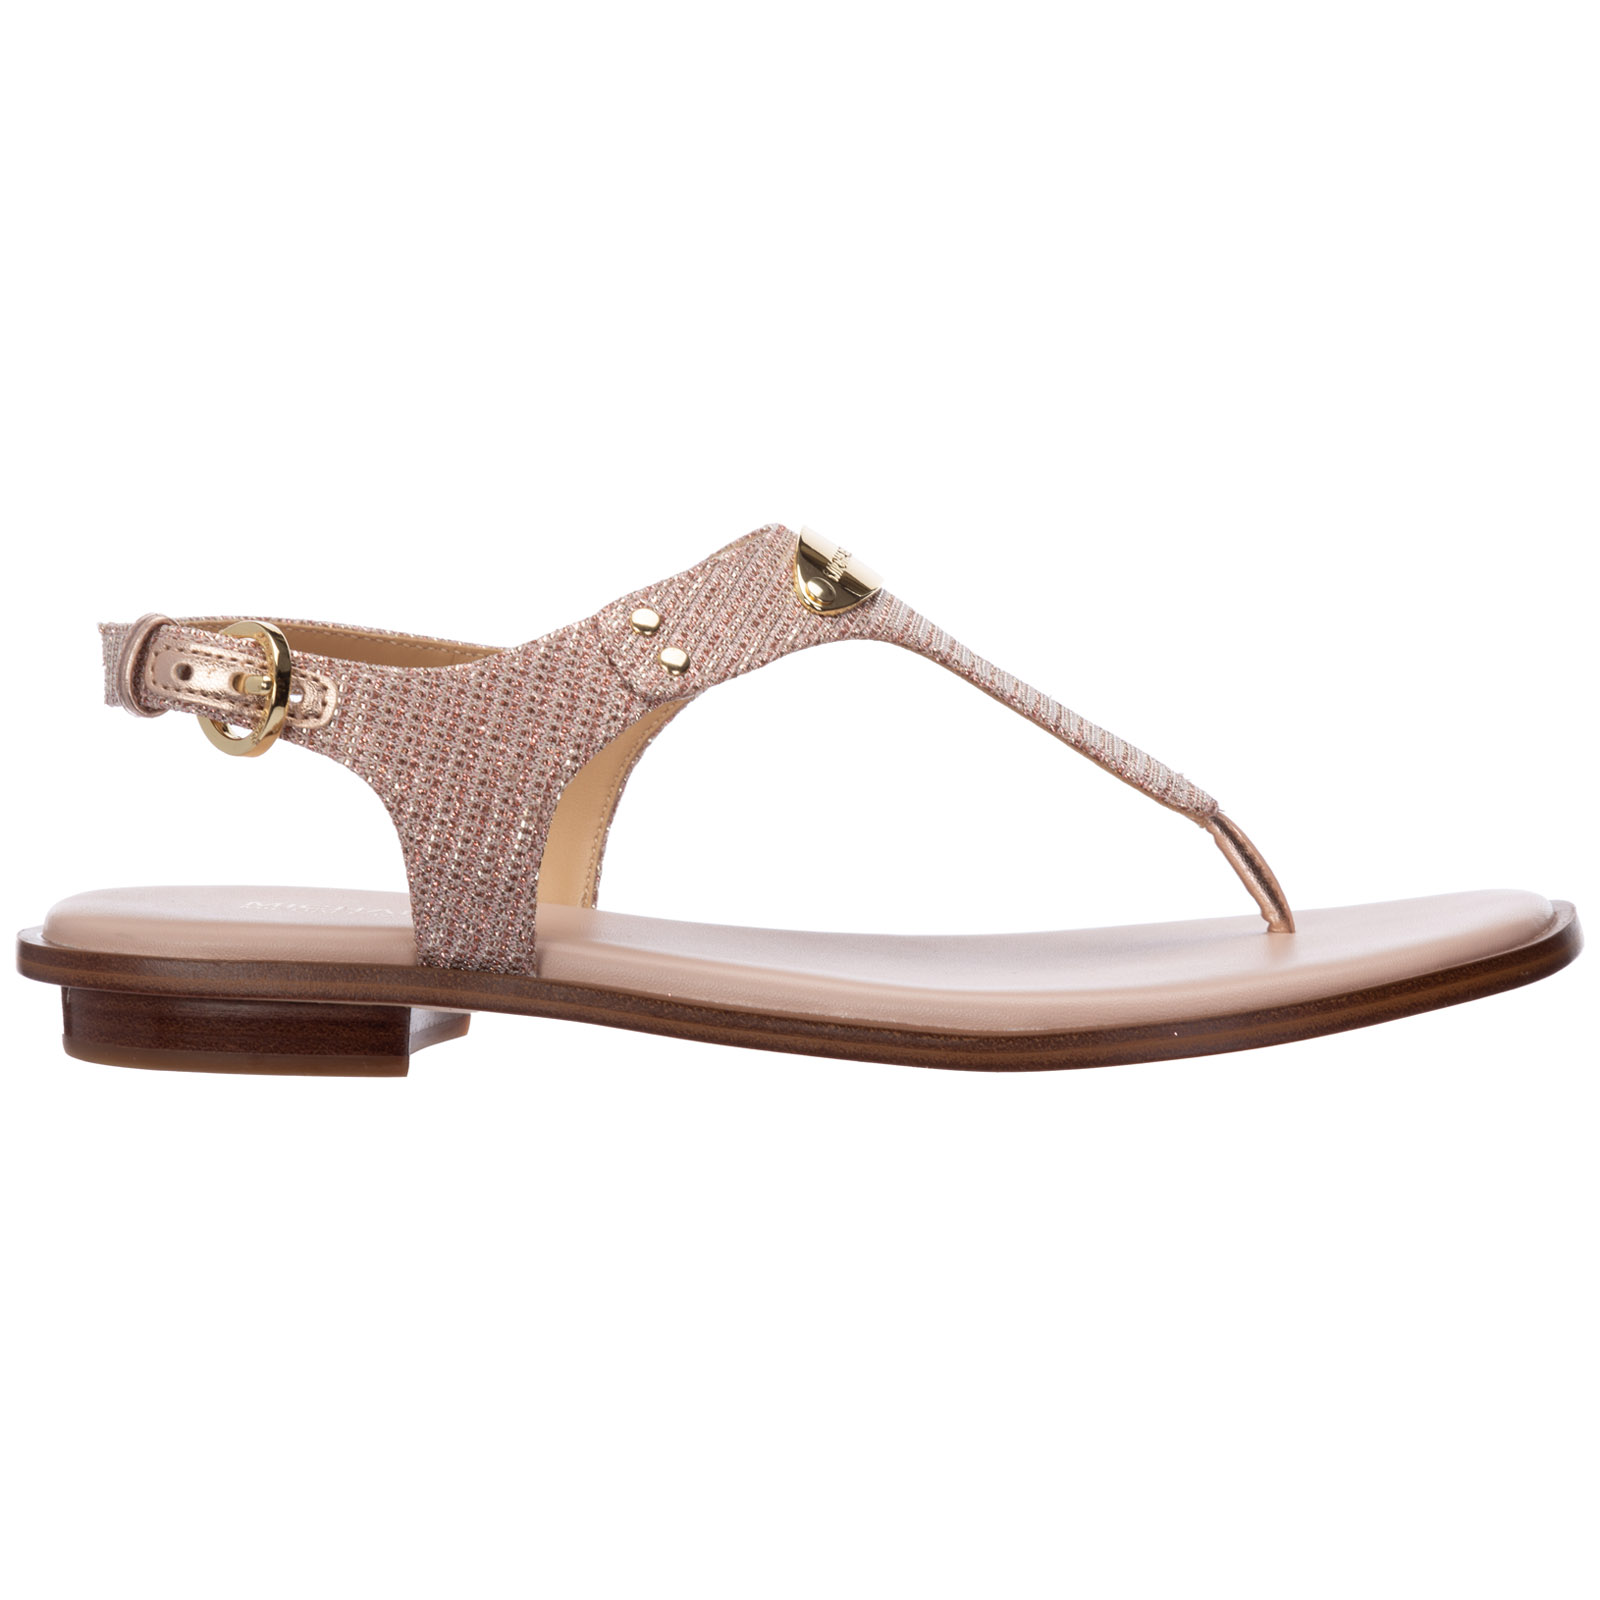 T-bar sandals Michael Kors 40S0MKFA3D